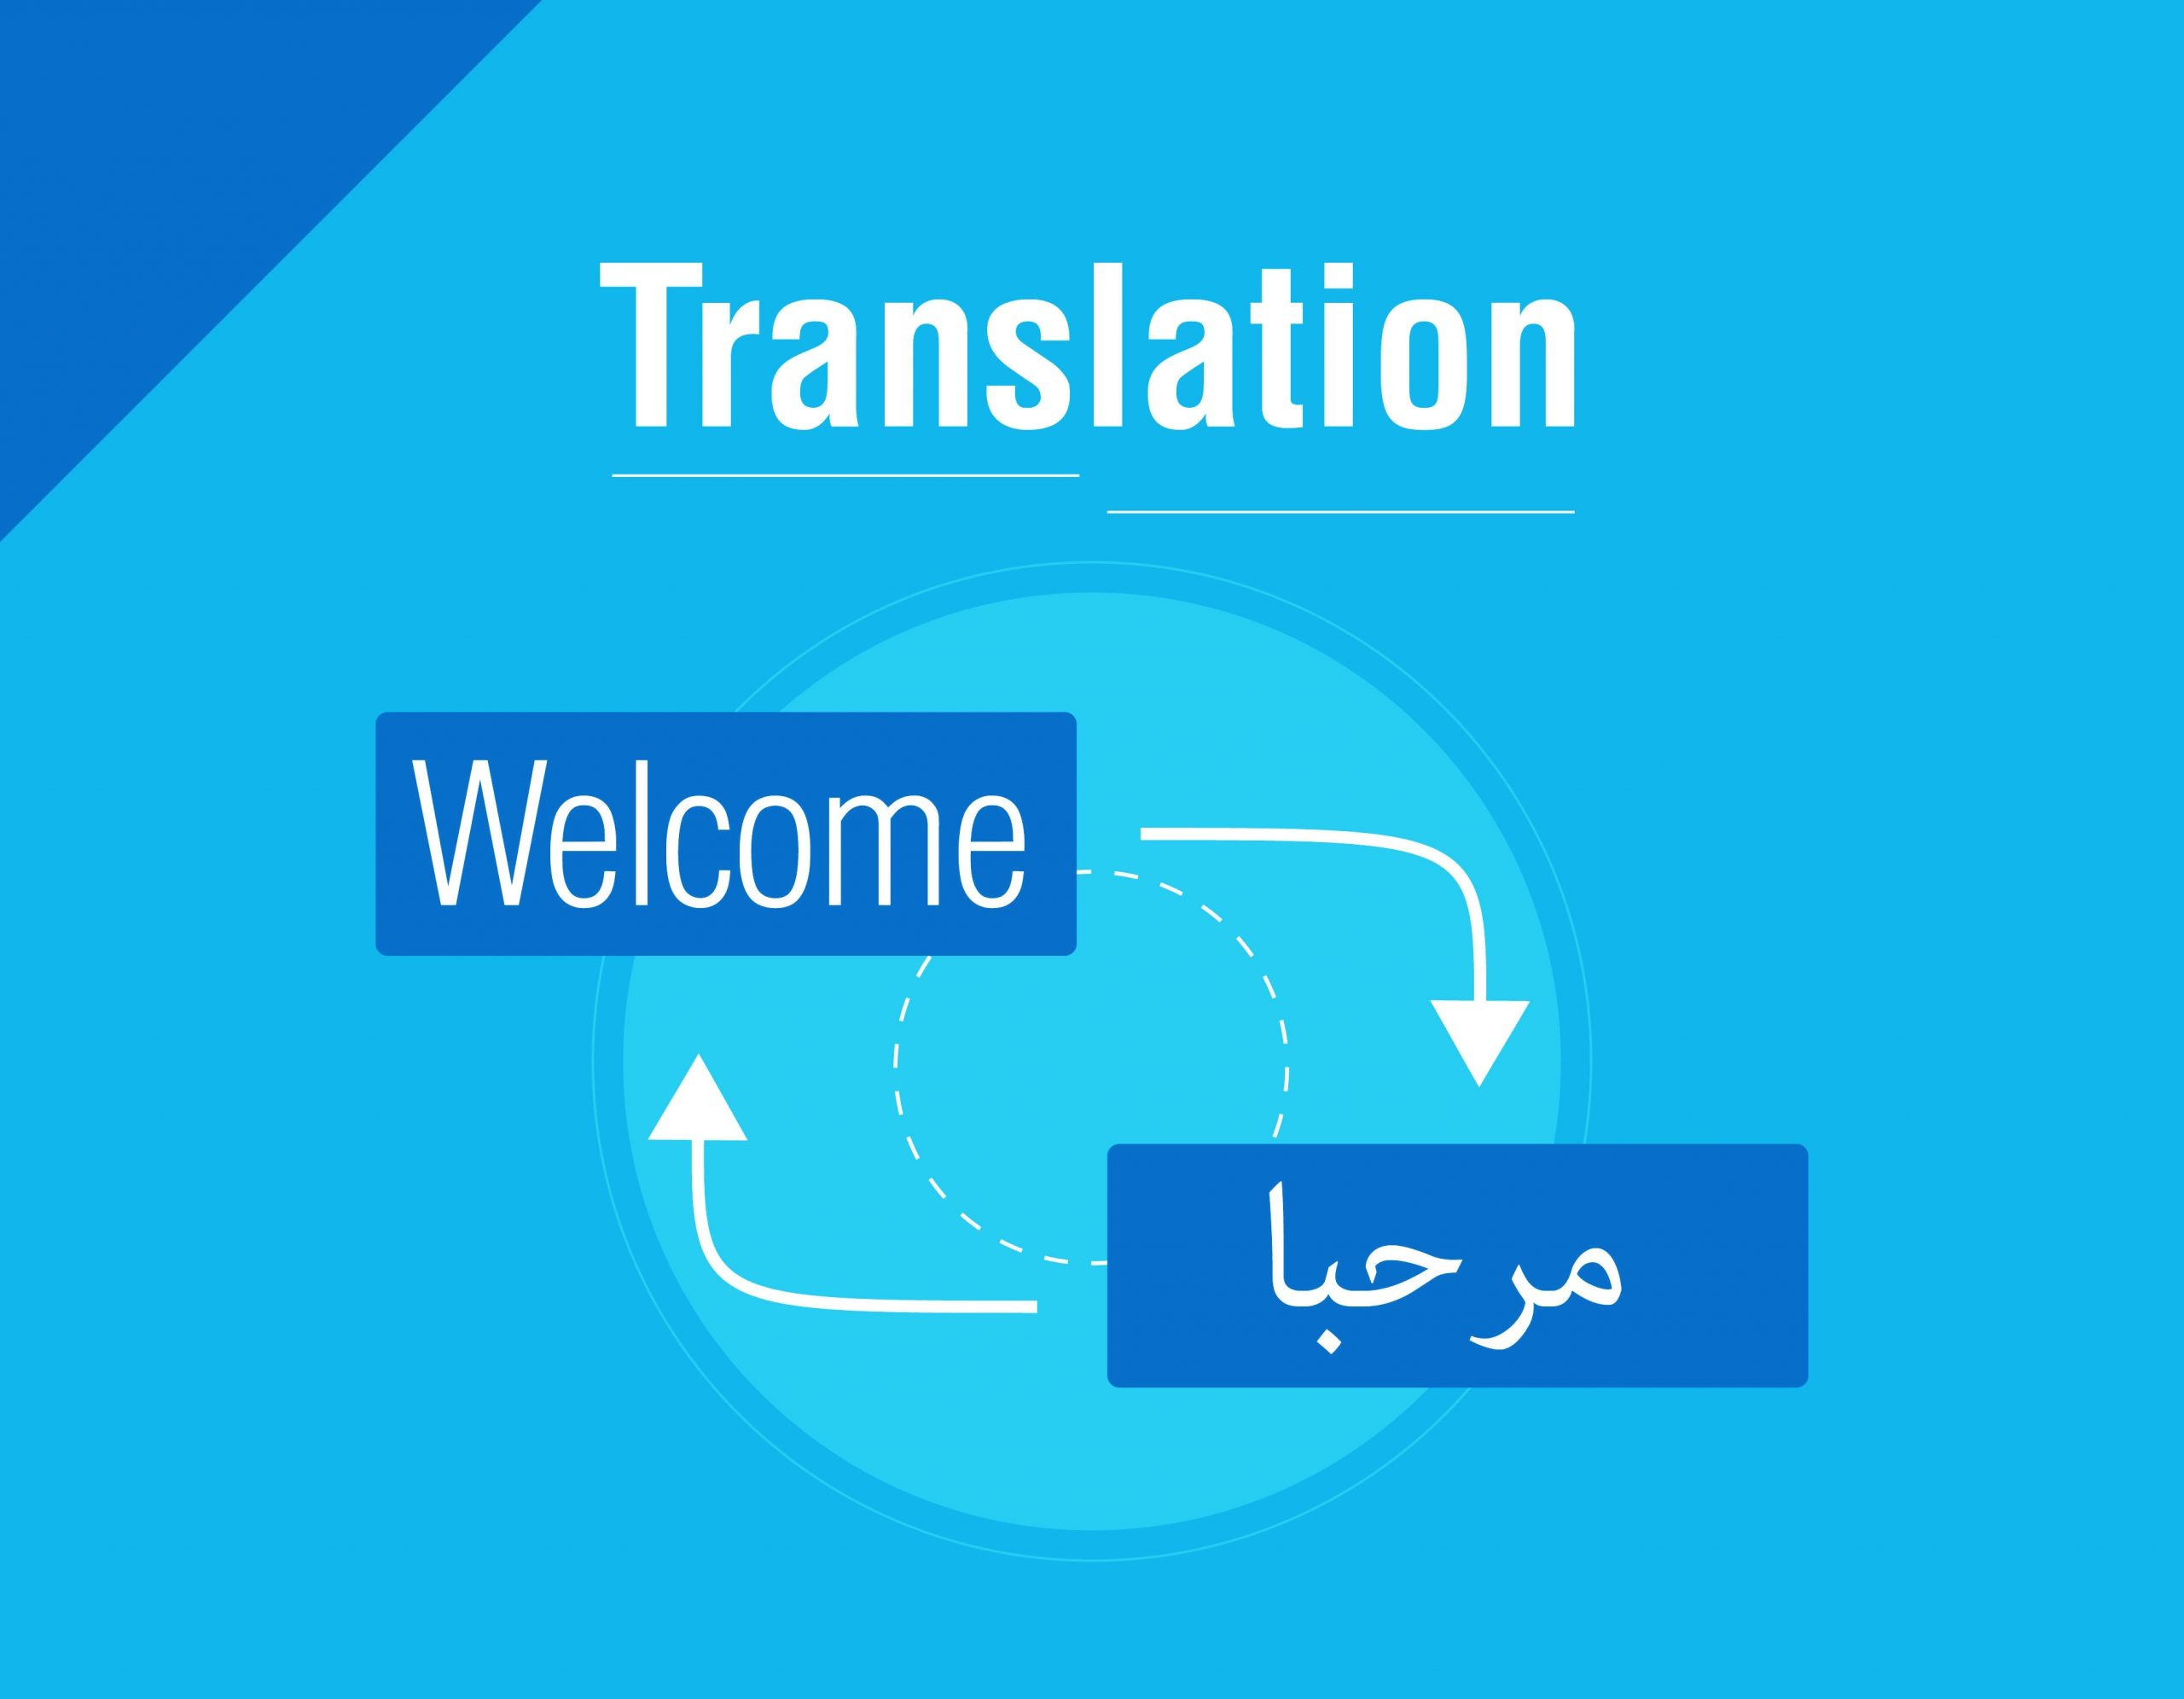 ترجمه انگلیسی به فارسی قیمت